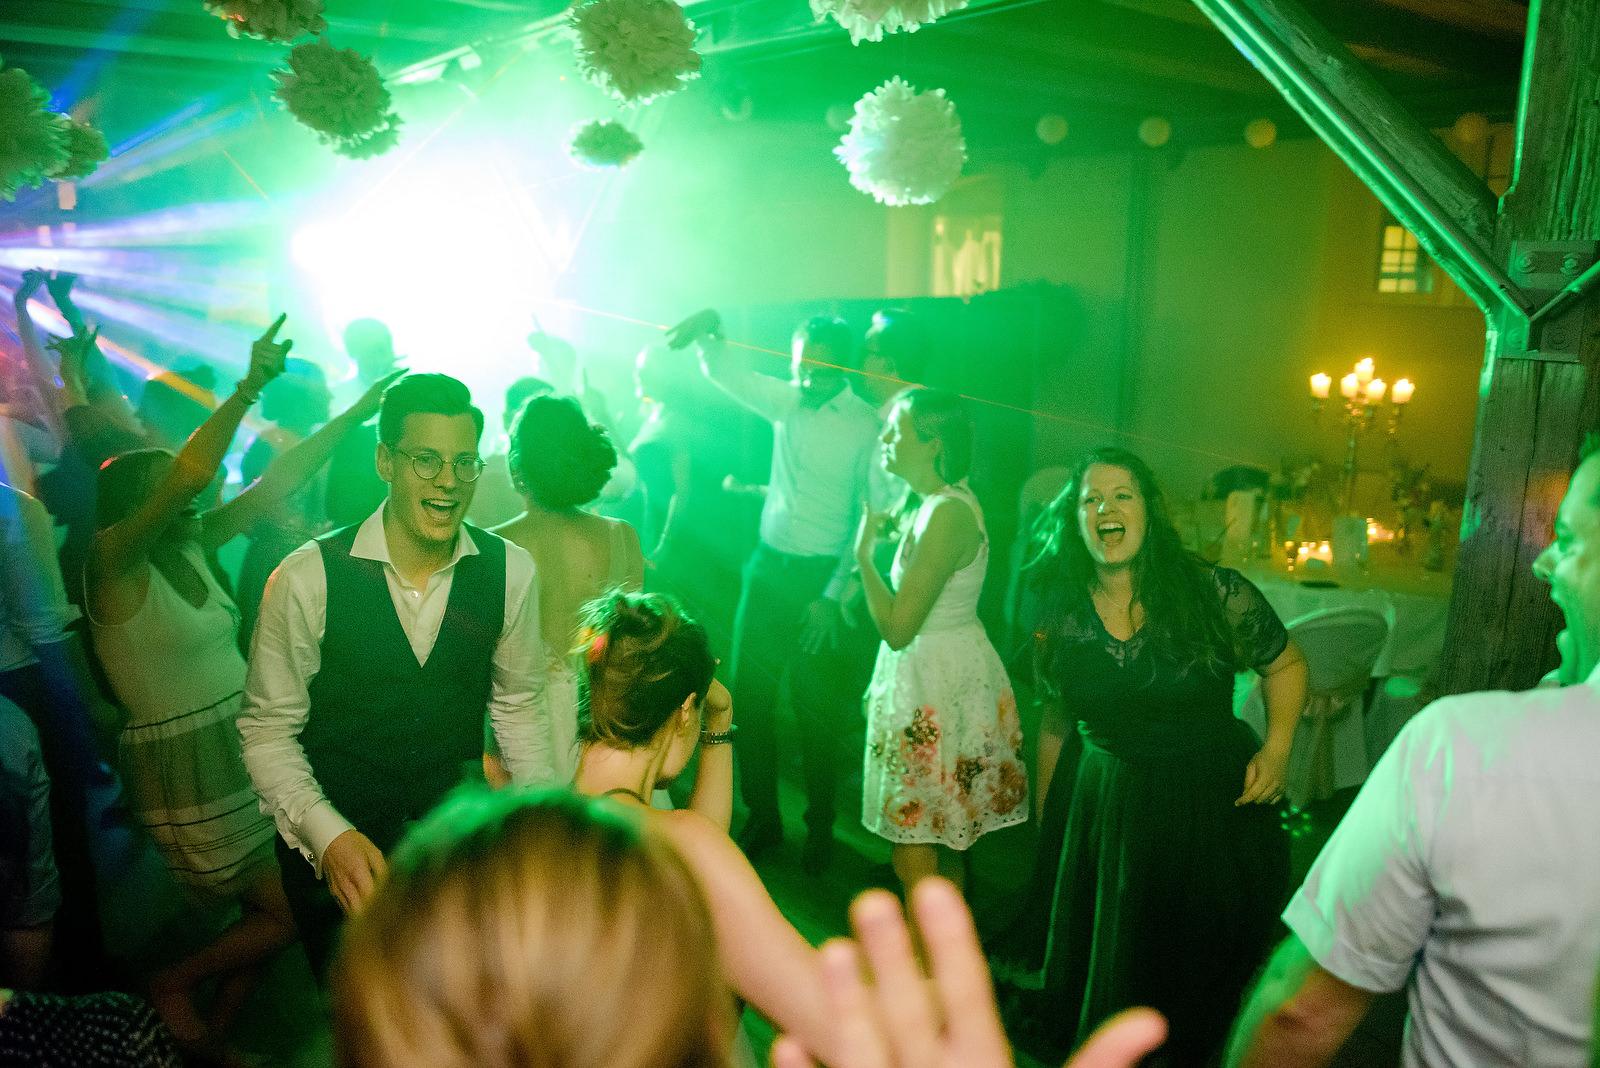 Fotograf Konstanz - Hochzeitsfotograf Bodensee Zollhaus Ludwigshafen Hochzeit Konstanz EFP 154 - Hochzeitsreportage im Zollhaus in Bodman-Ludwigshafen, Bodensee  - 254 -